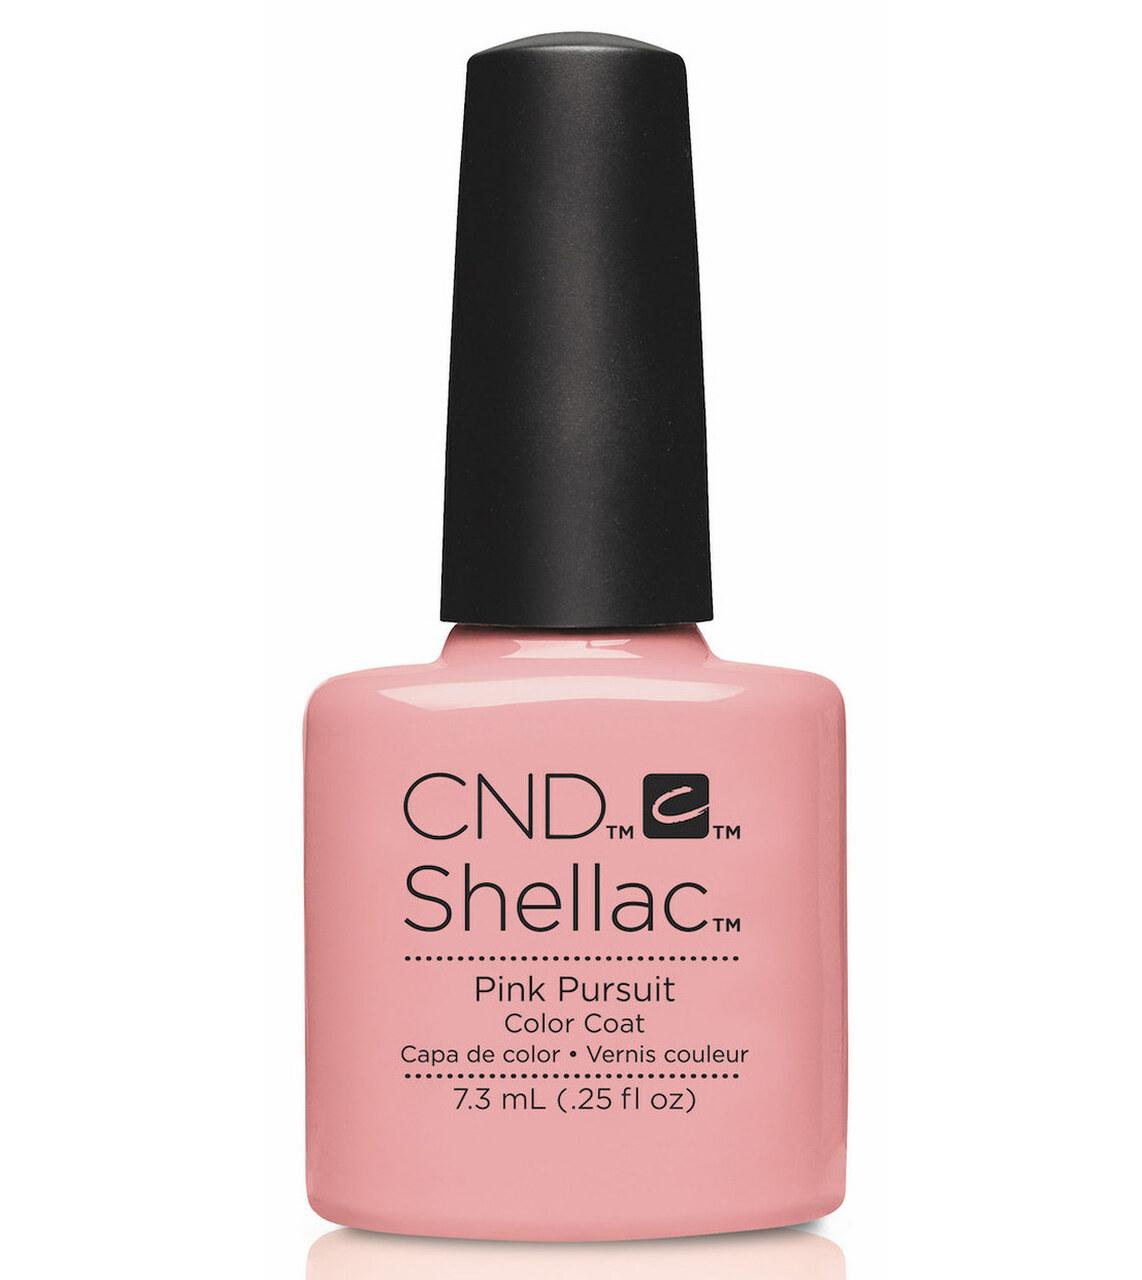 CND Shellac, Gel de manicura y pedicura (Tono Pink Pursuit)